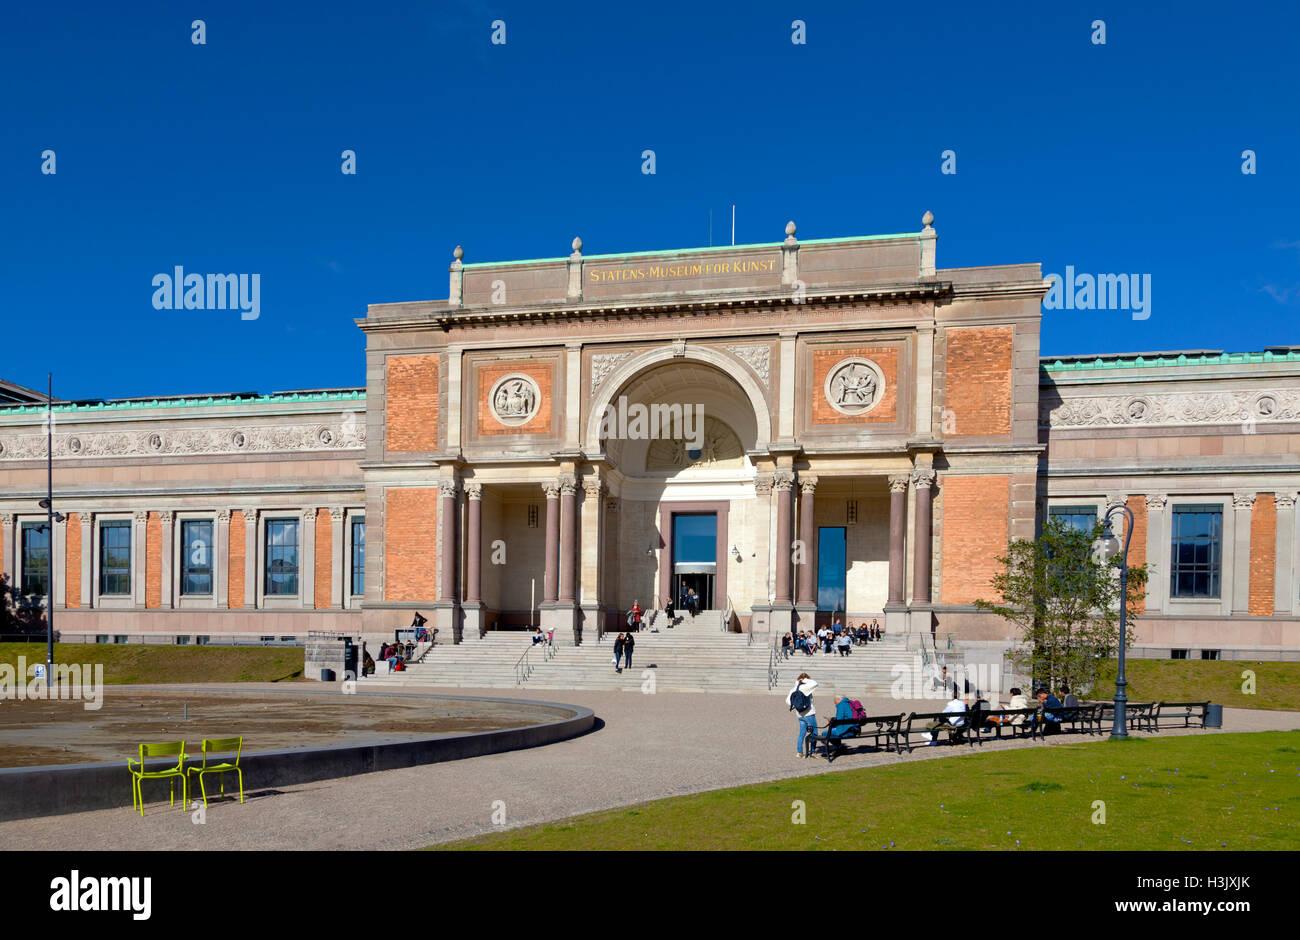 La Galería Nacional De Dinamarca. Statens Museum for Kunst, en Copenhague, Dinamarca. Foto de stock